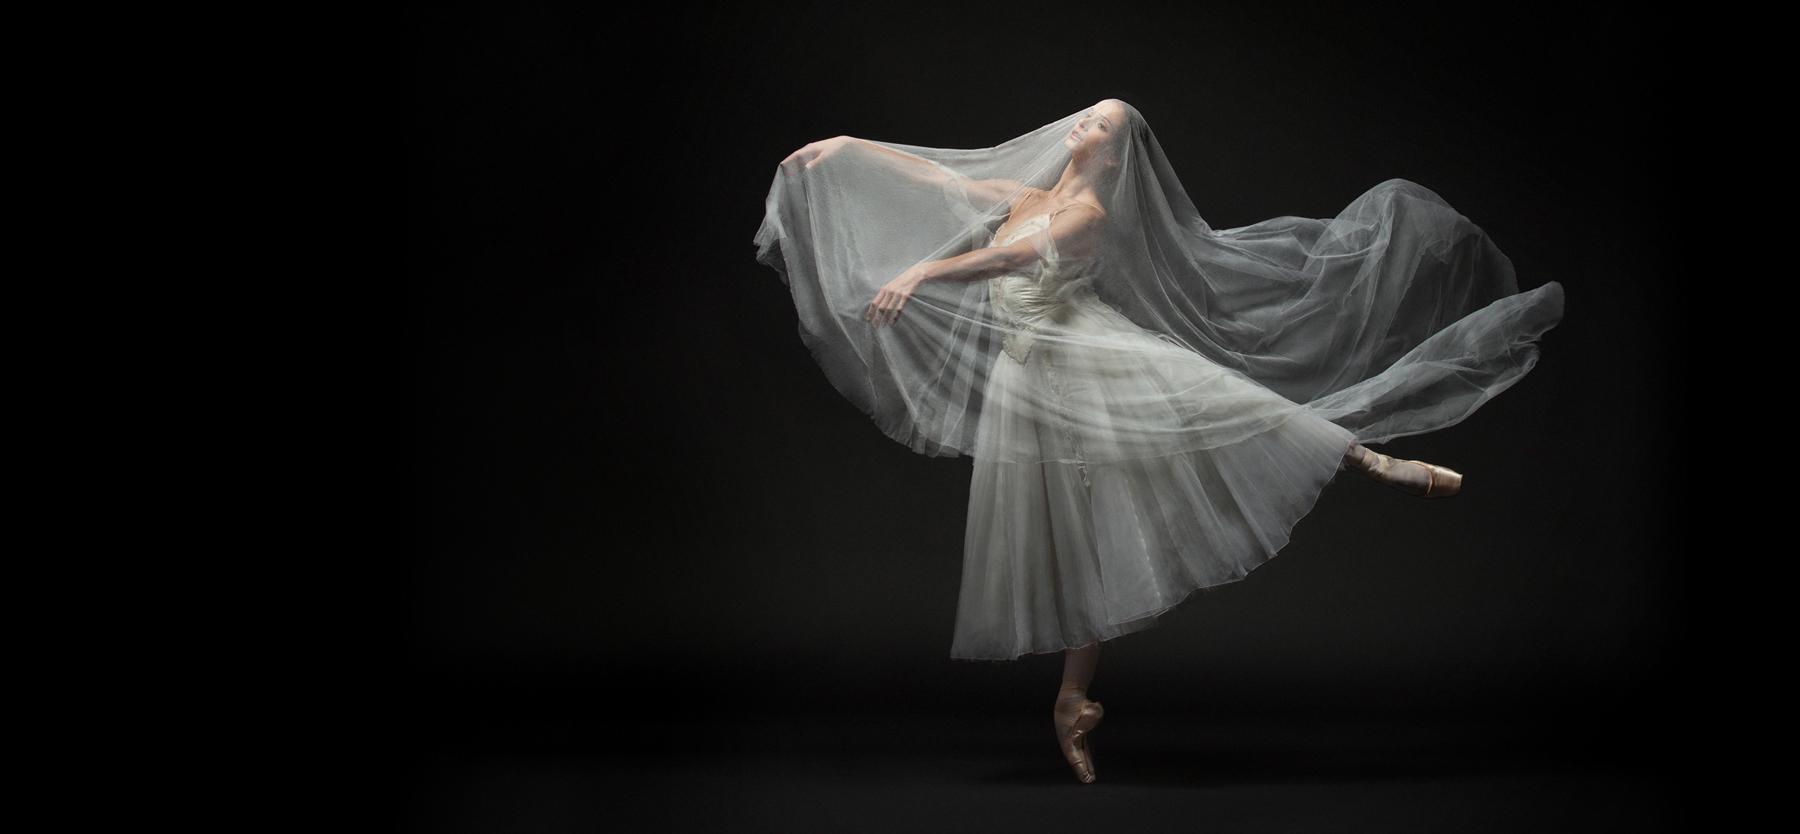 Como bailarina